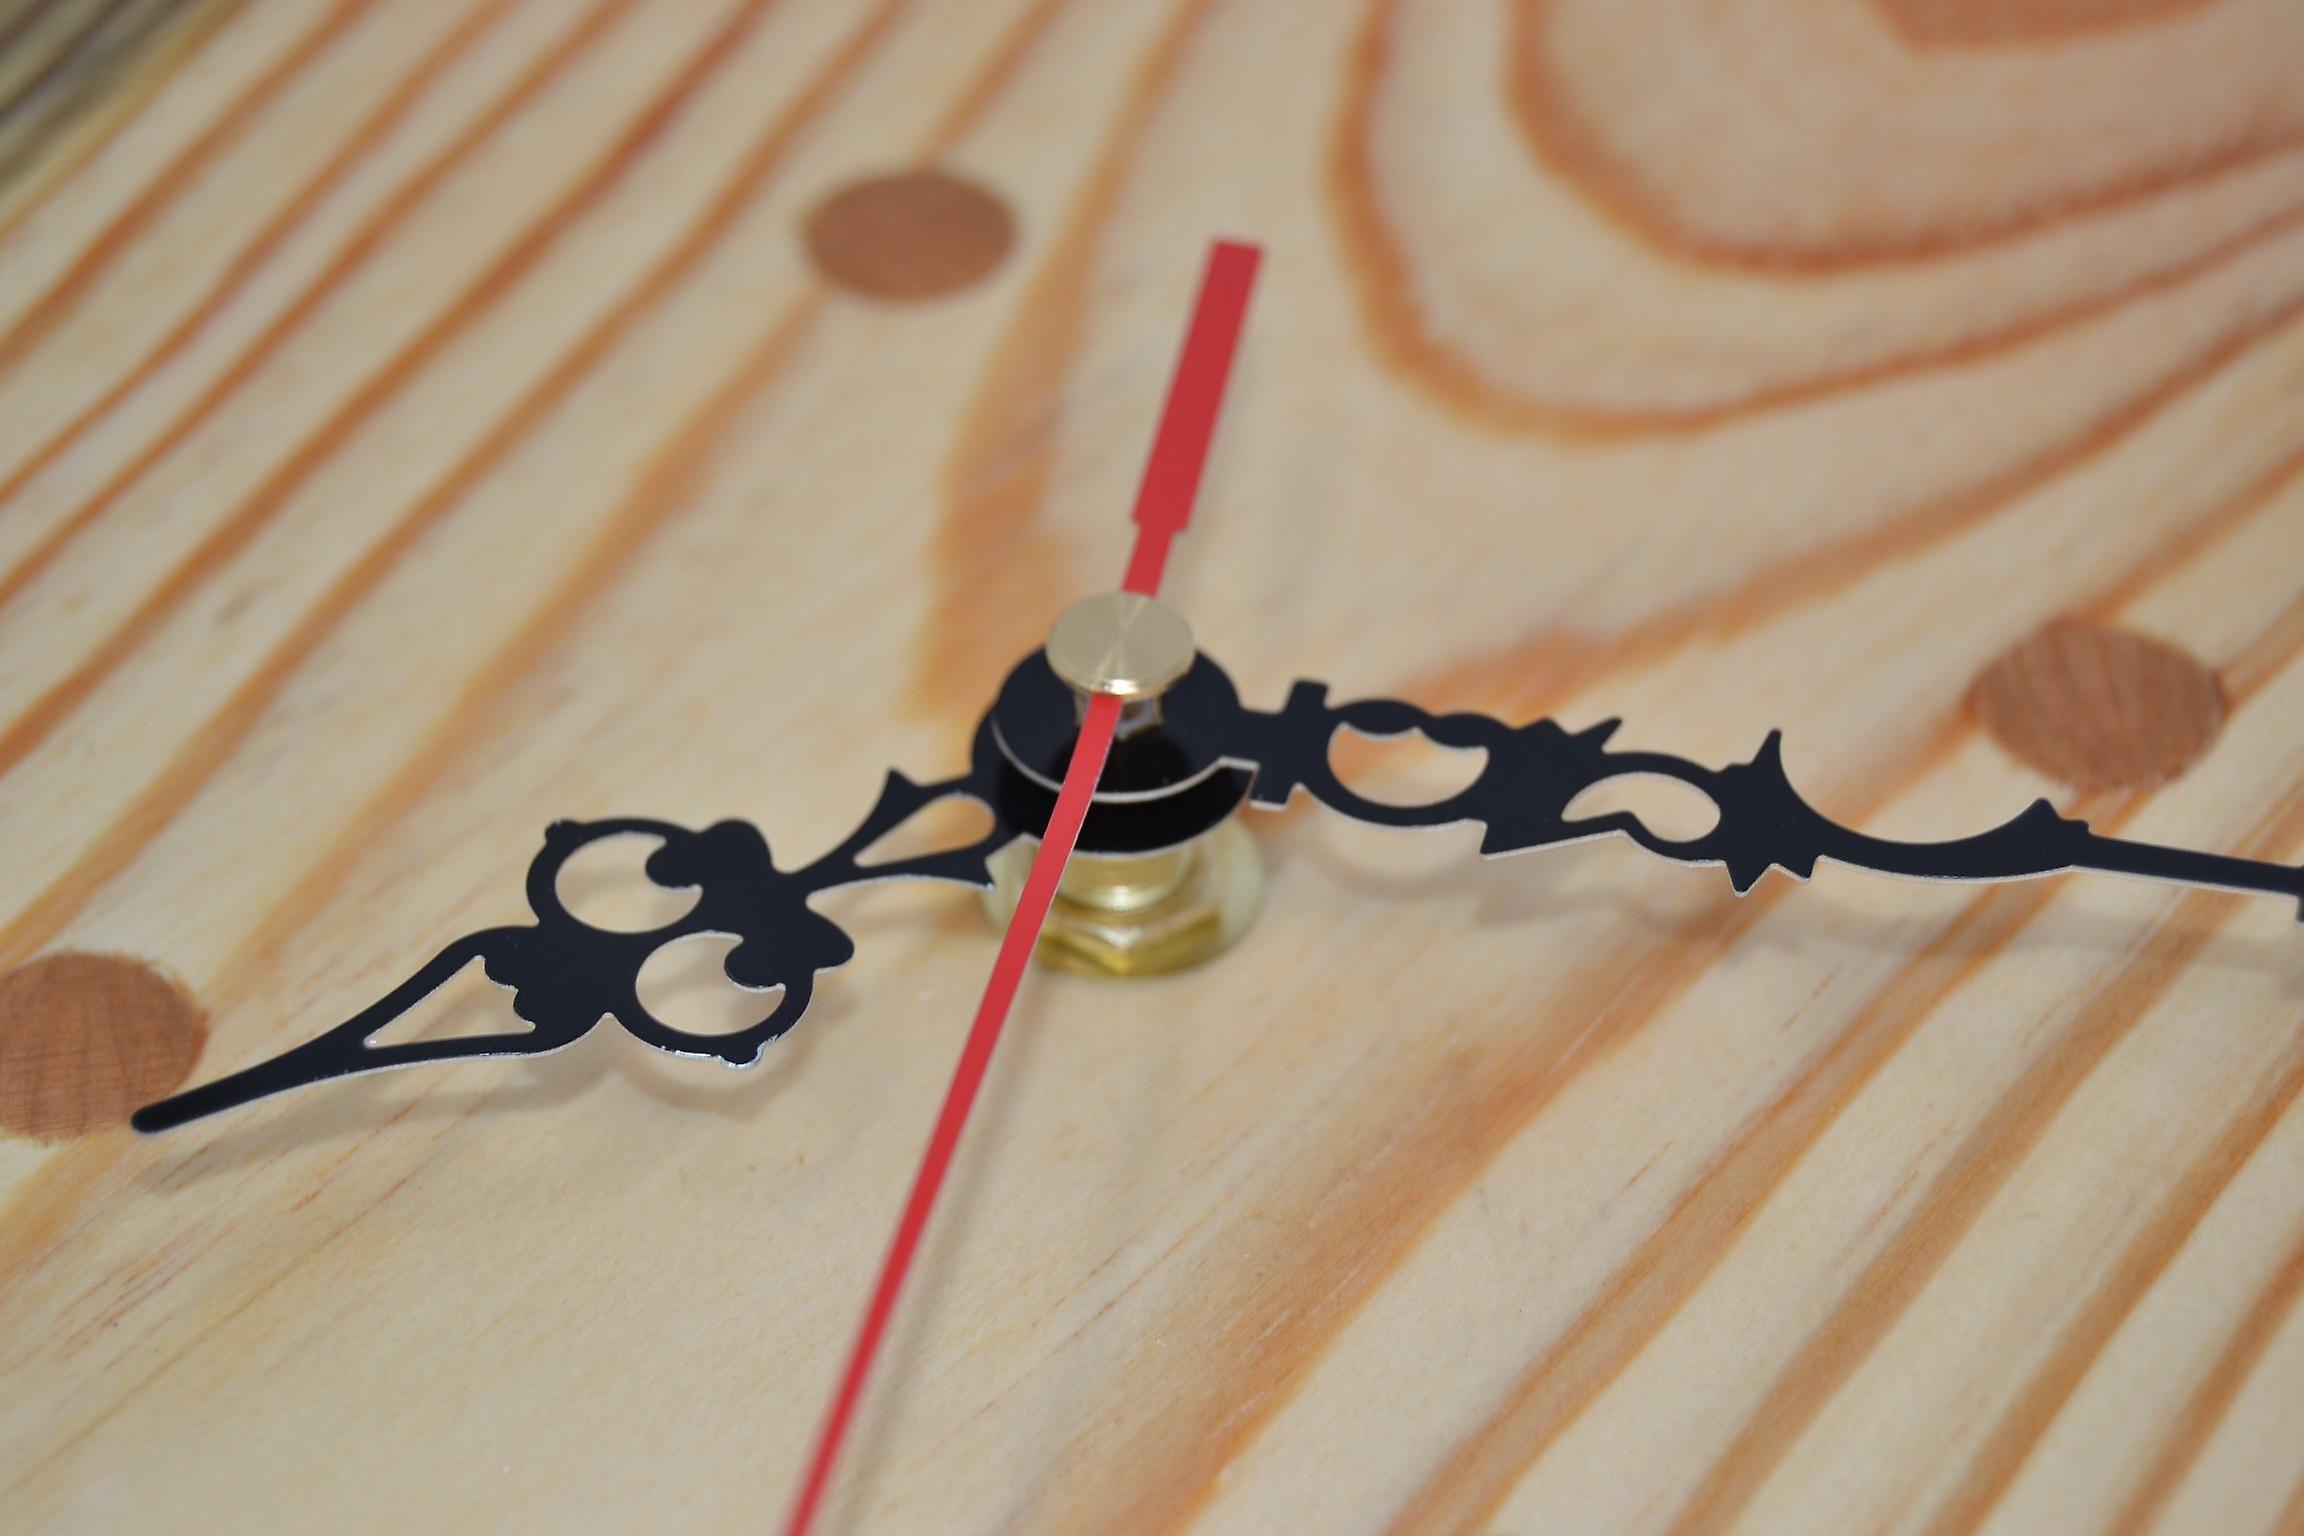 Holz Wanduhr  Holzuhr Uhr 24 cm Holz Unikat Natur Made in Austria Uhr Kiefer mit Kirsch Intarsien Pinus wallclock clock Geschenk Holzdekoration Holzdeko